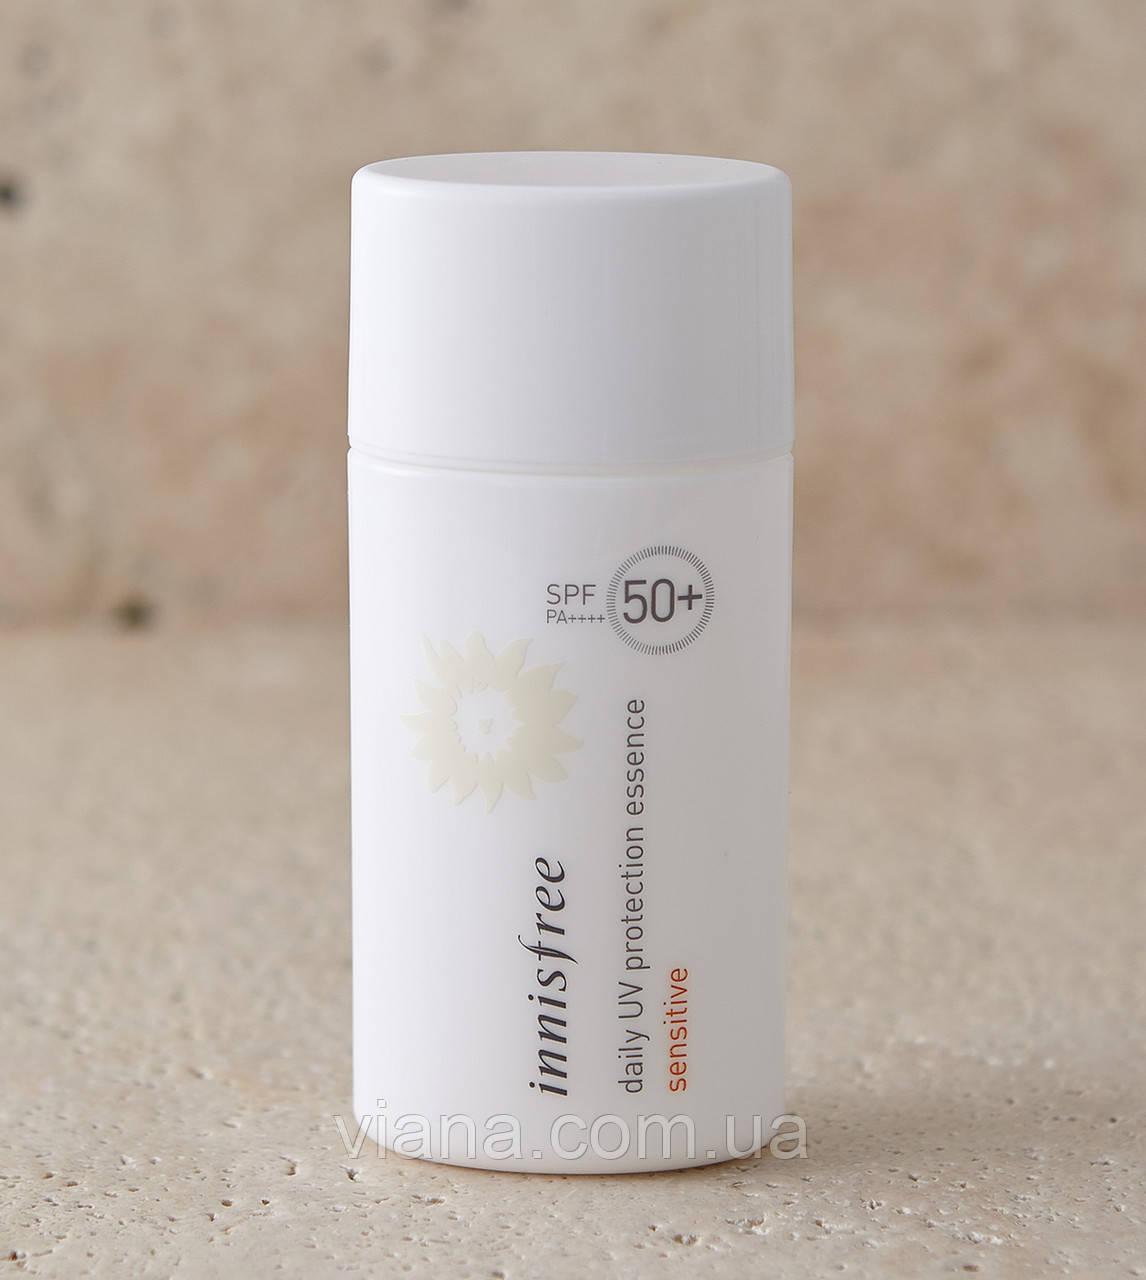 Гипоаллергенная солнцезащитная эссенция для чувствительной кожи Innisfree Daily UV Protection Essence Sensitiv